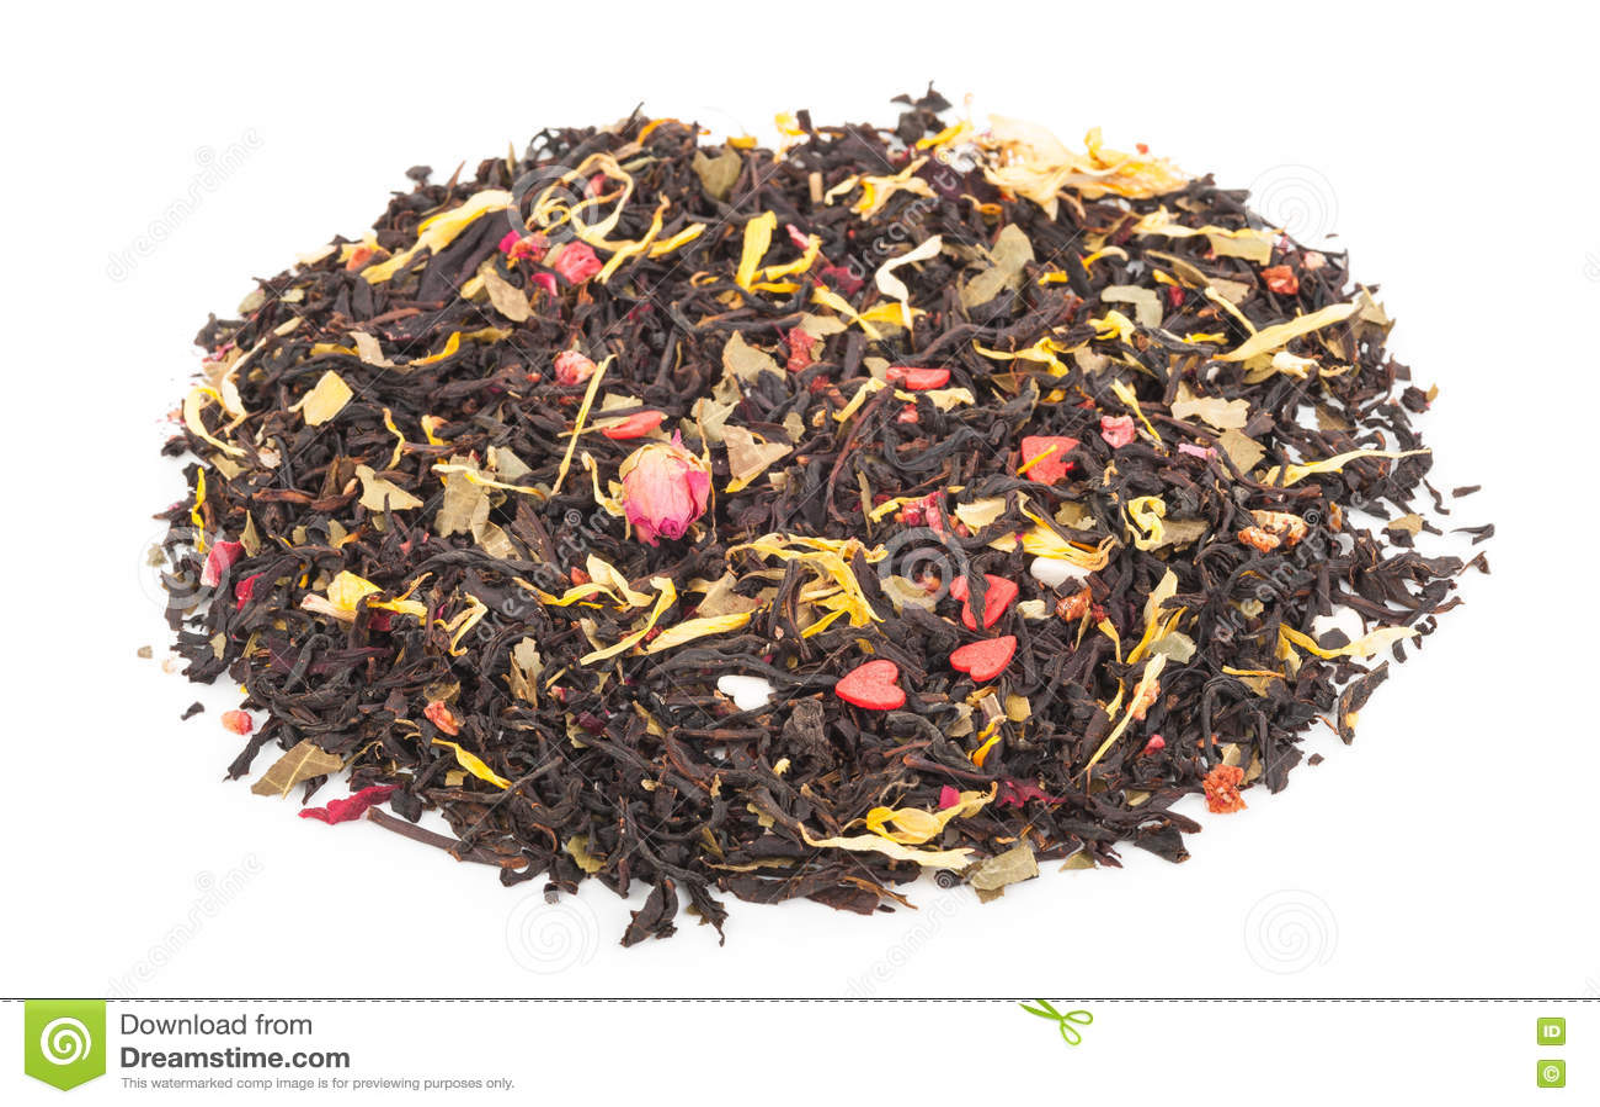 Черный сухой чай с плодоовощами и лепестками